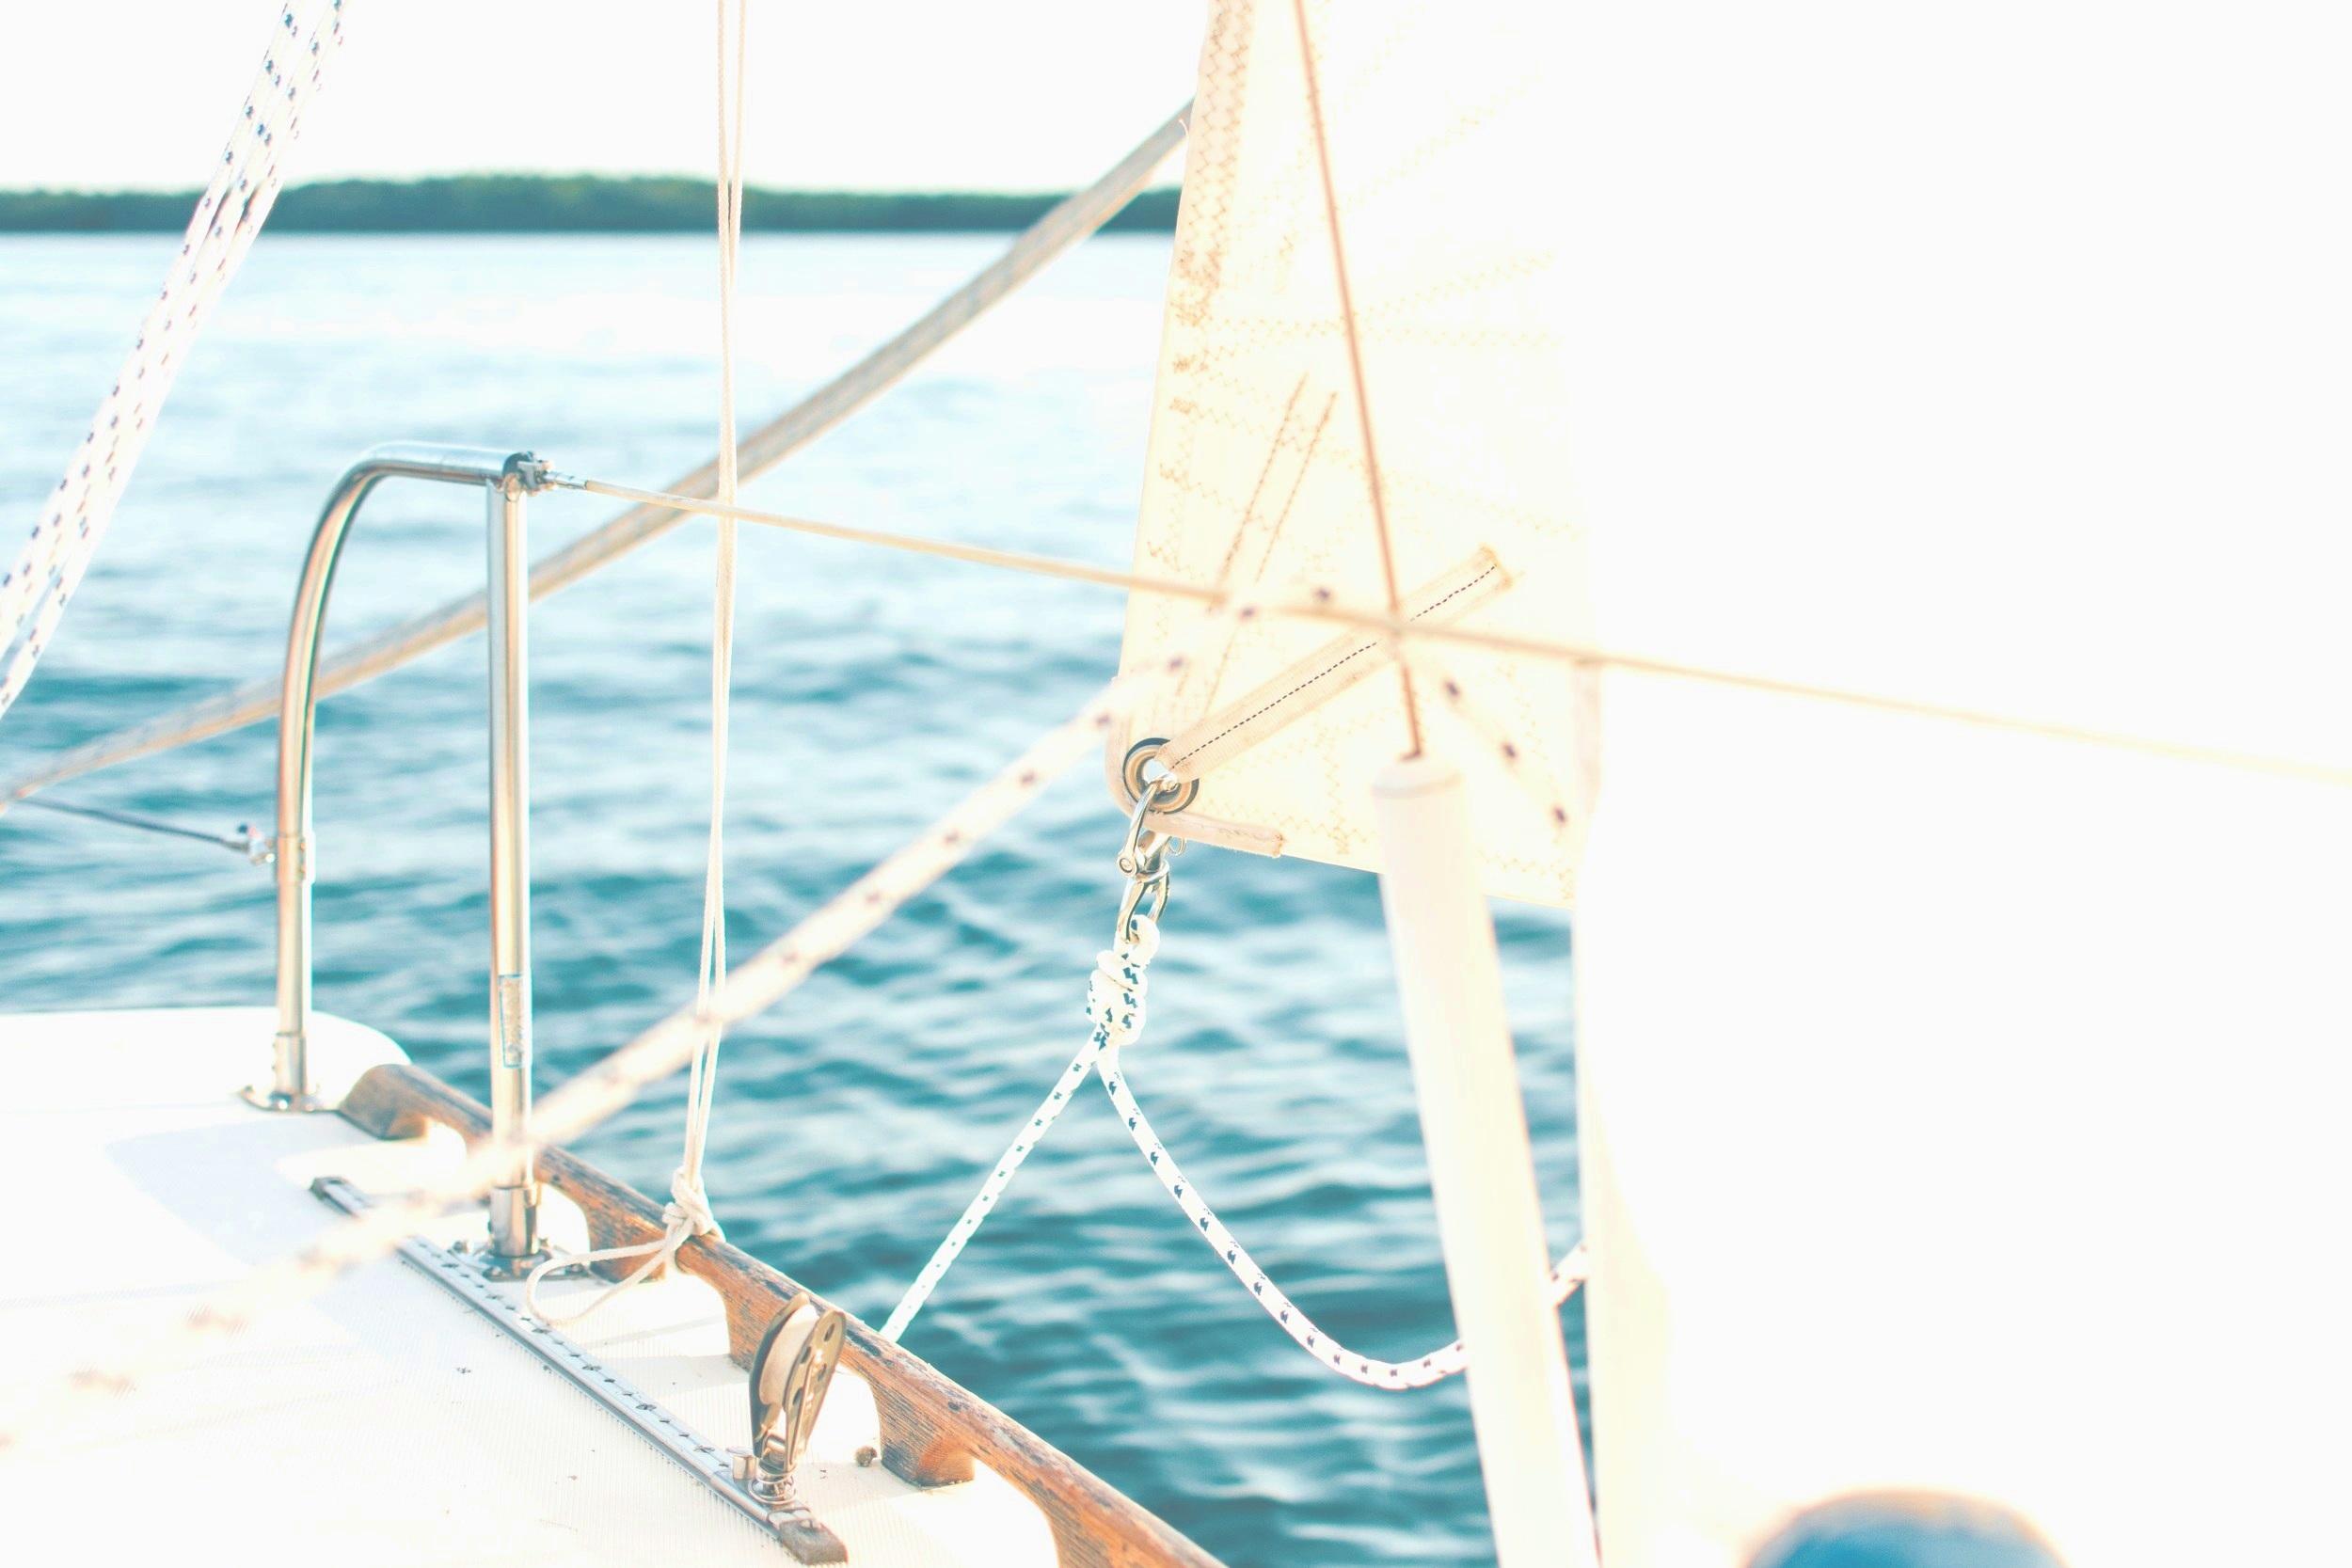 Watercraft Insurance -